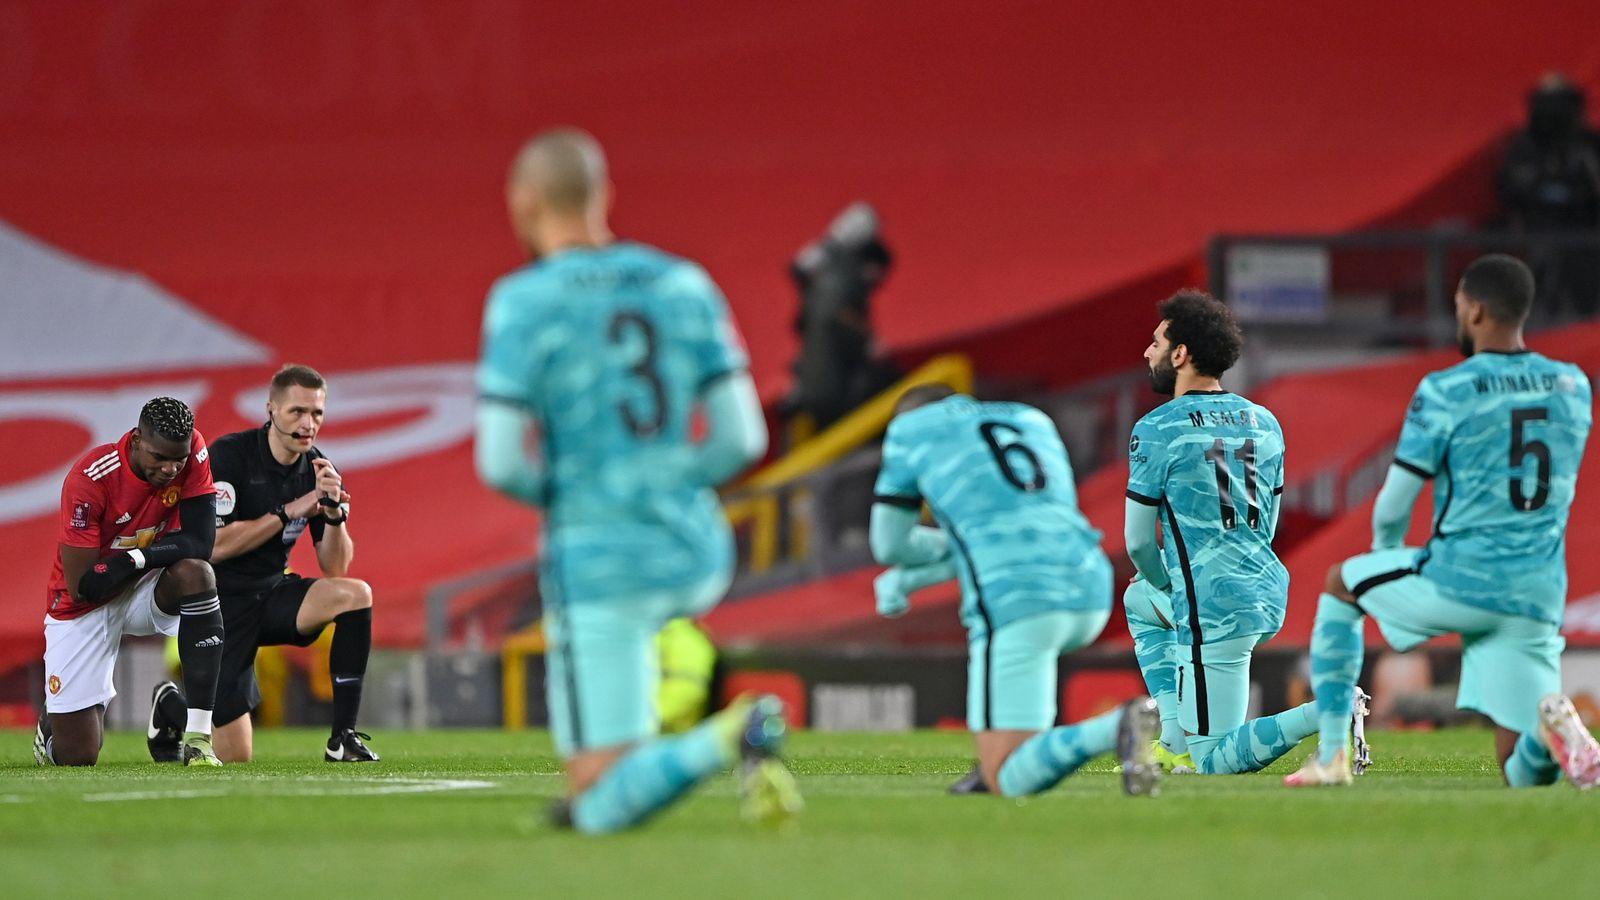 Δυο στους πέντε ποδοσφαιριστές της Πρέμιερ Λιγκ δέχτηκαν προσβλητικά μηνύματα στο Twitter